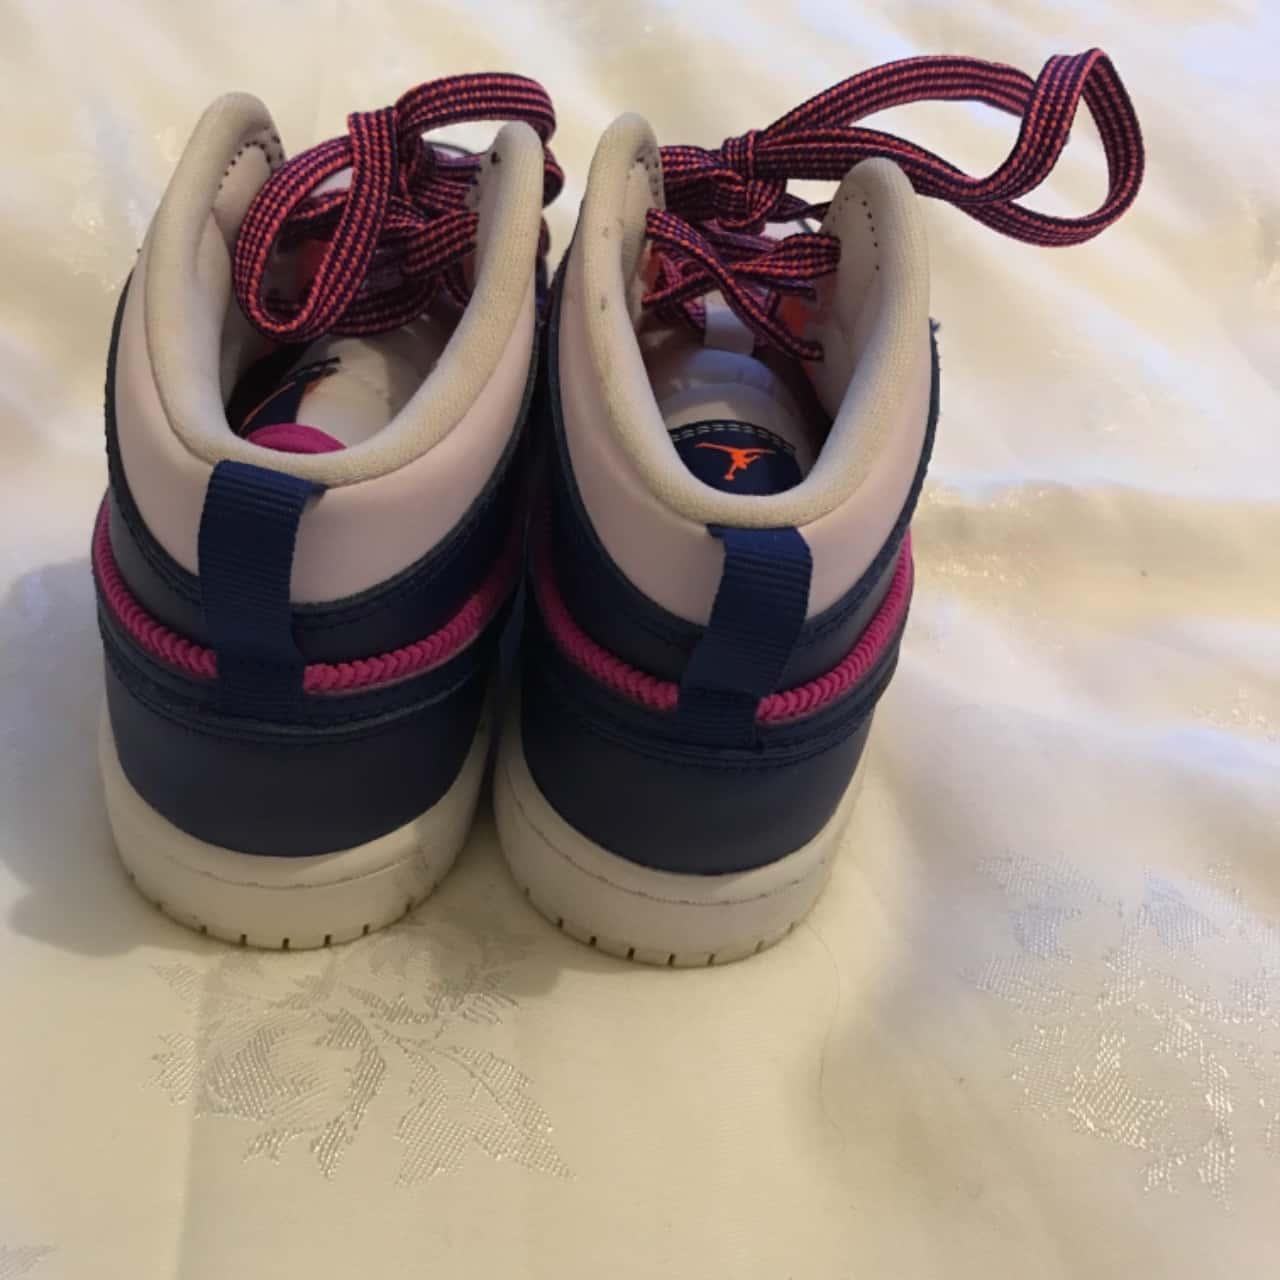 Nike Air Jordan  Kids Shoes Size 1.5 (IK) 2 ( US) Pink  / Navy